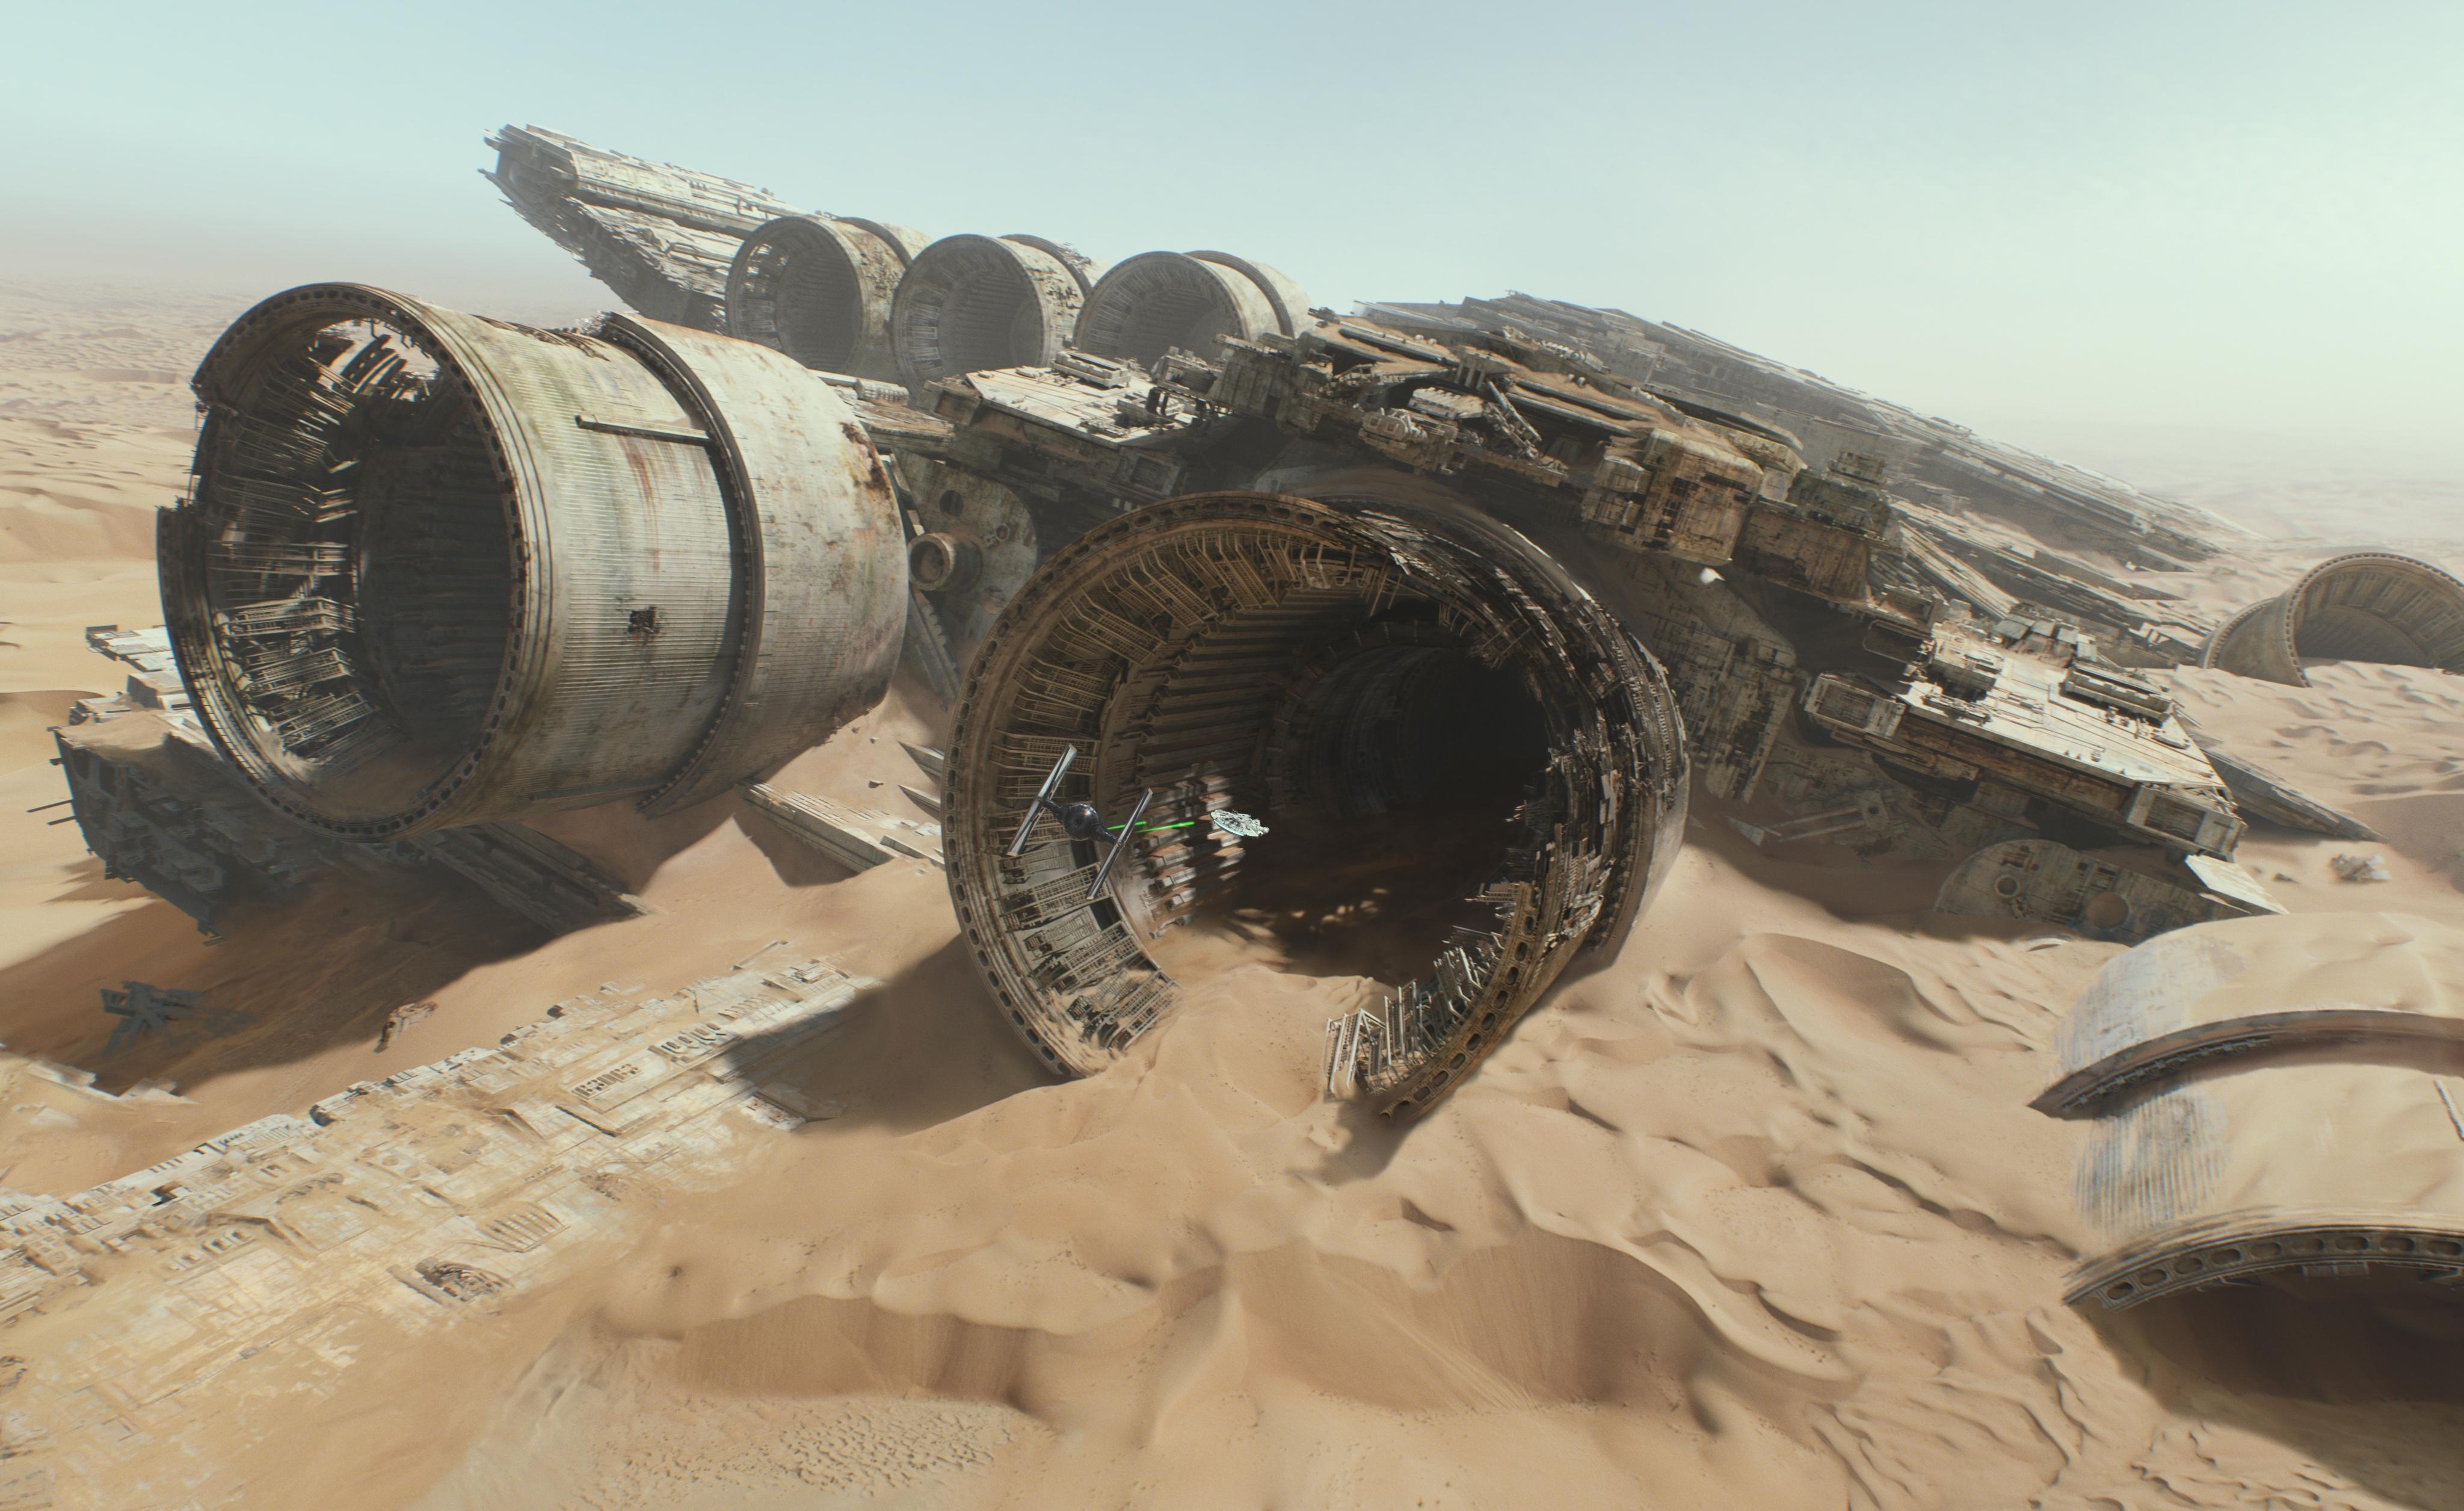 Превью трейлера фильма «Звёздные войны: Пробуждение силы»